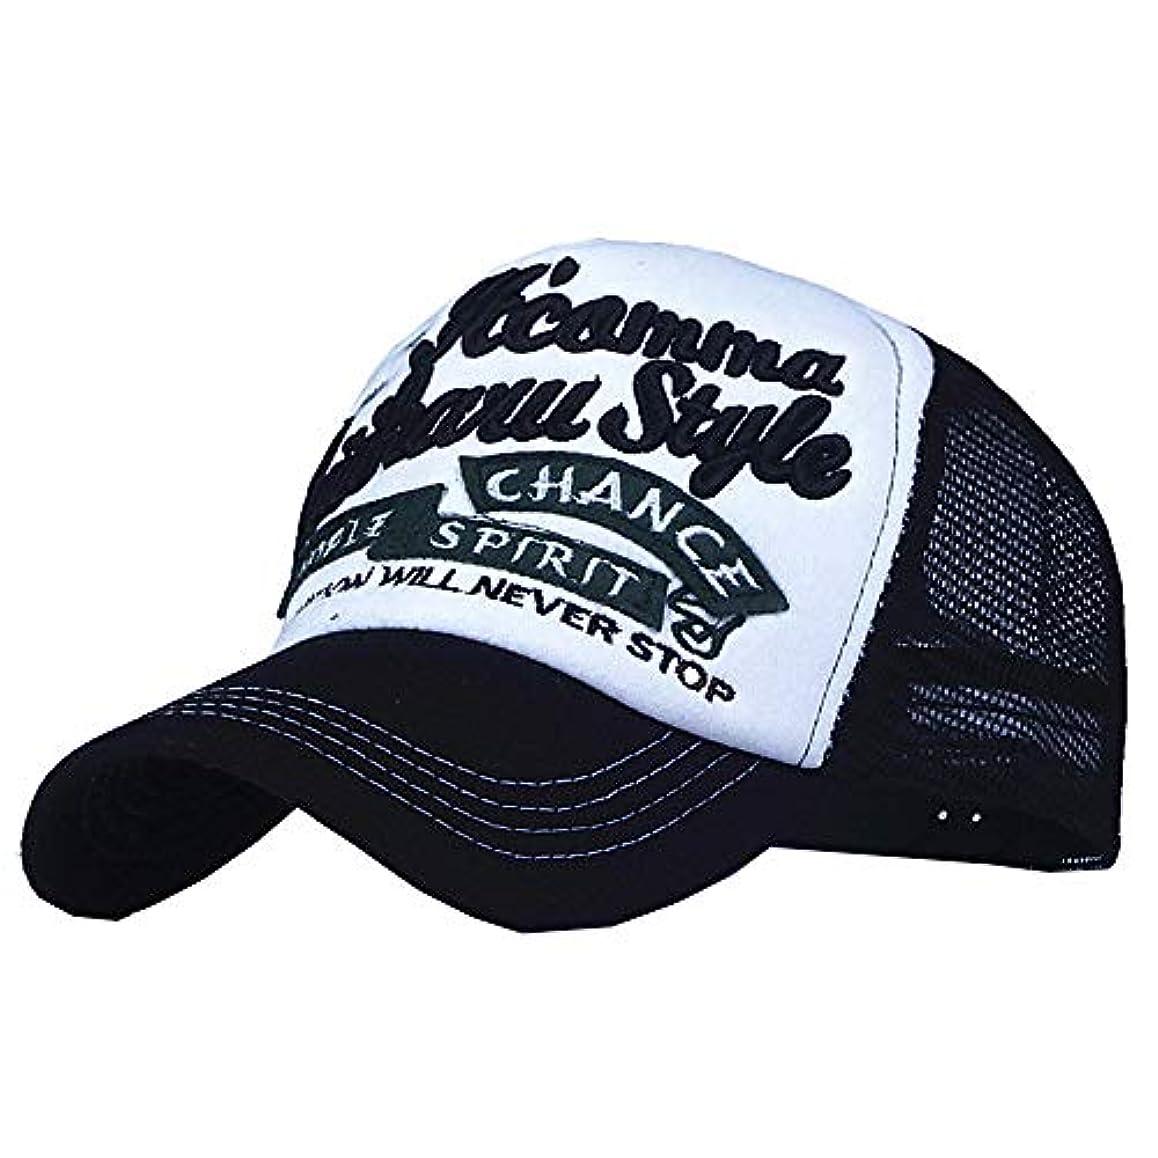 異議海ペットRacazing パッチワーク 野球帽 ヒップホップ メンズ 夏 登山 帽子メッシュ 可調整可能 プラスベルベット 棒球帽 UV 帽子 軽量 屋外 Unisex 鸭舌帽 Hat Cap